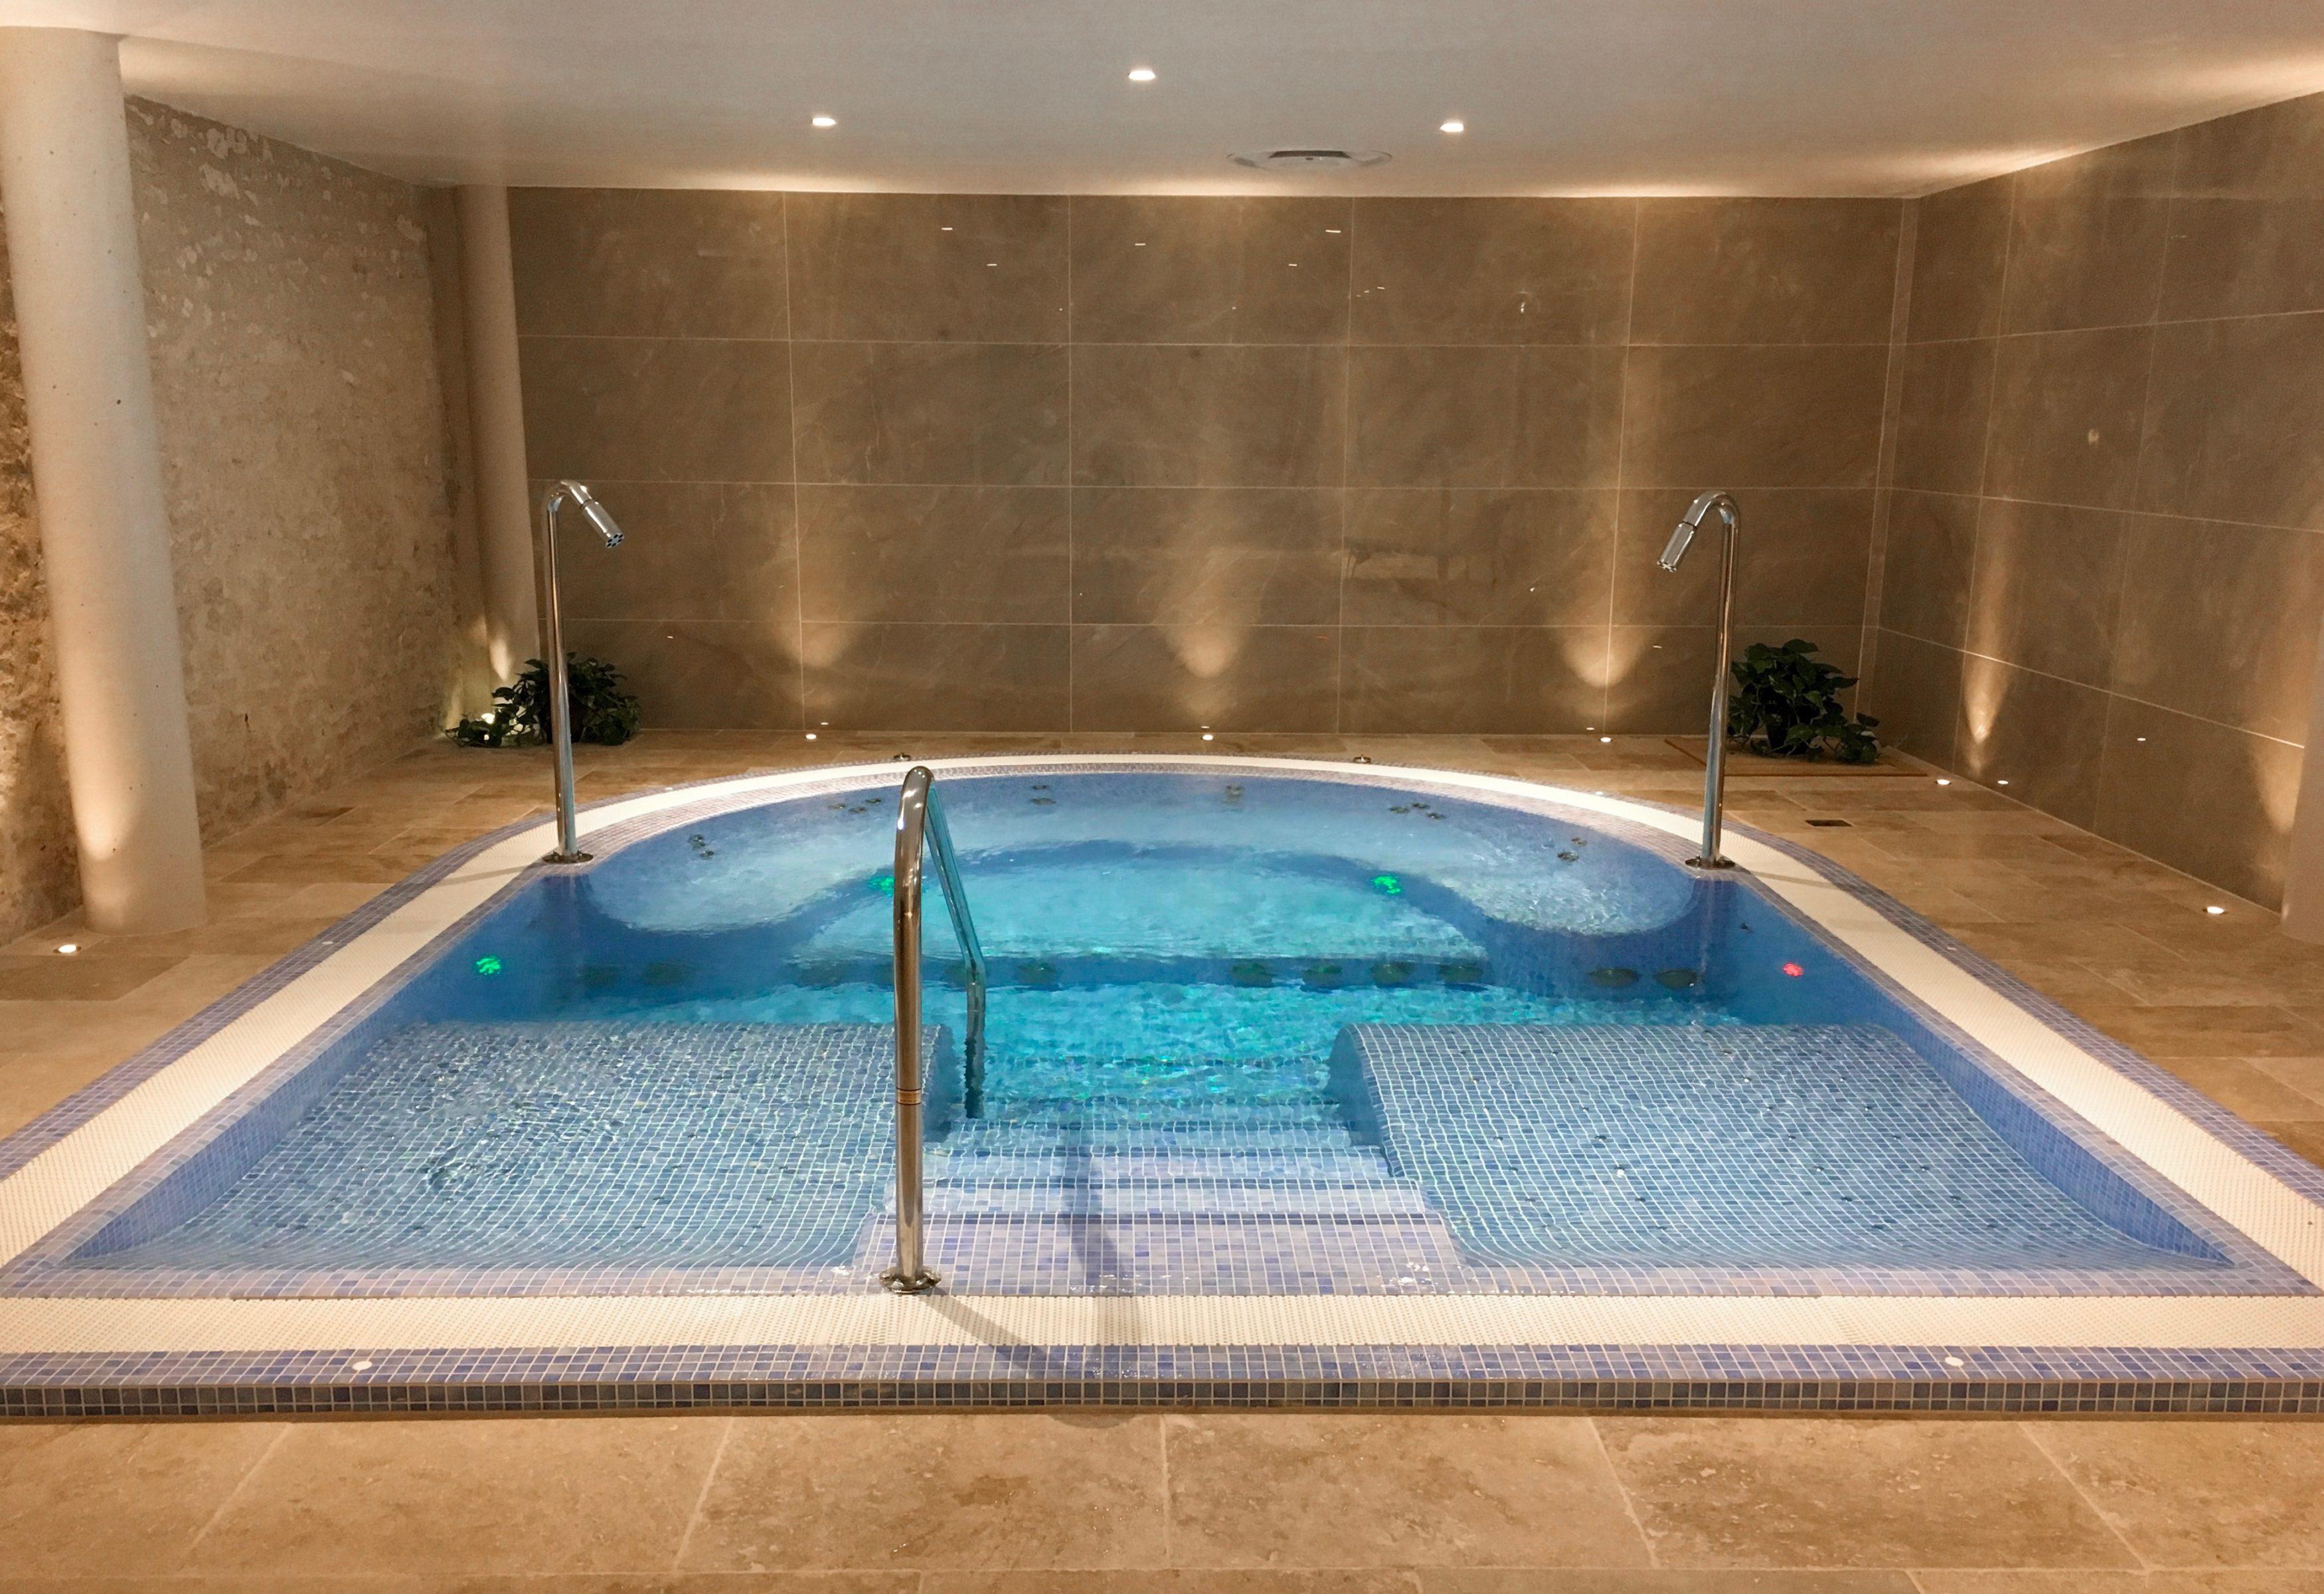 chateau-des-vigiers-dordogne-nuit-insolite-weekendesk-les-ptits-touristes-blog-voyage-spa-piscine